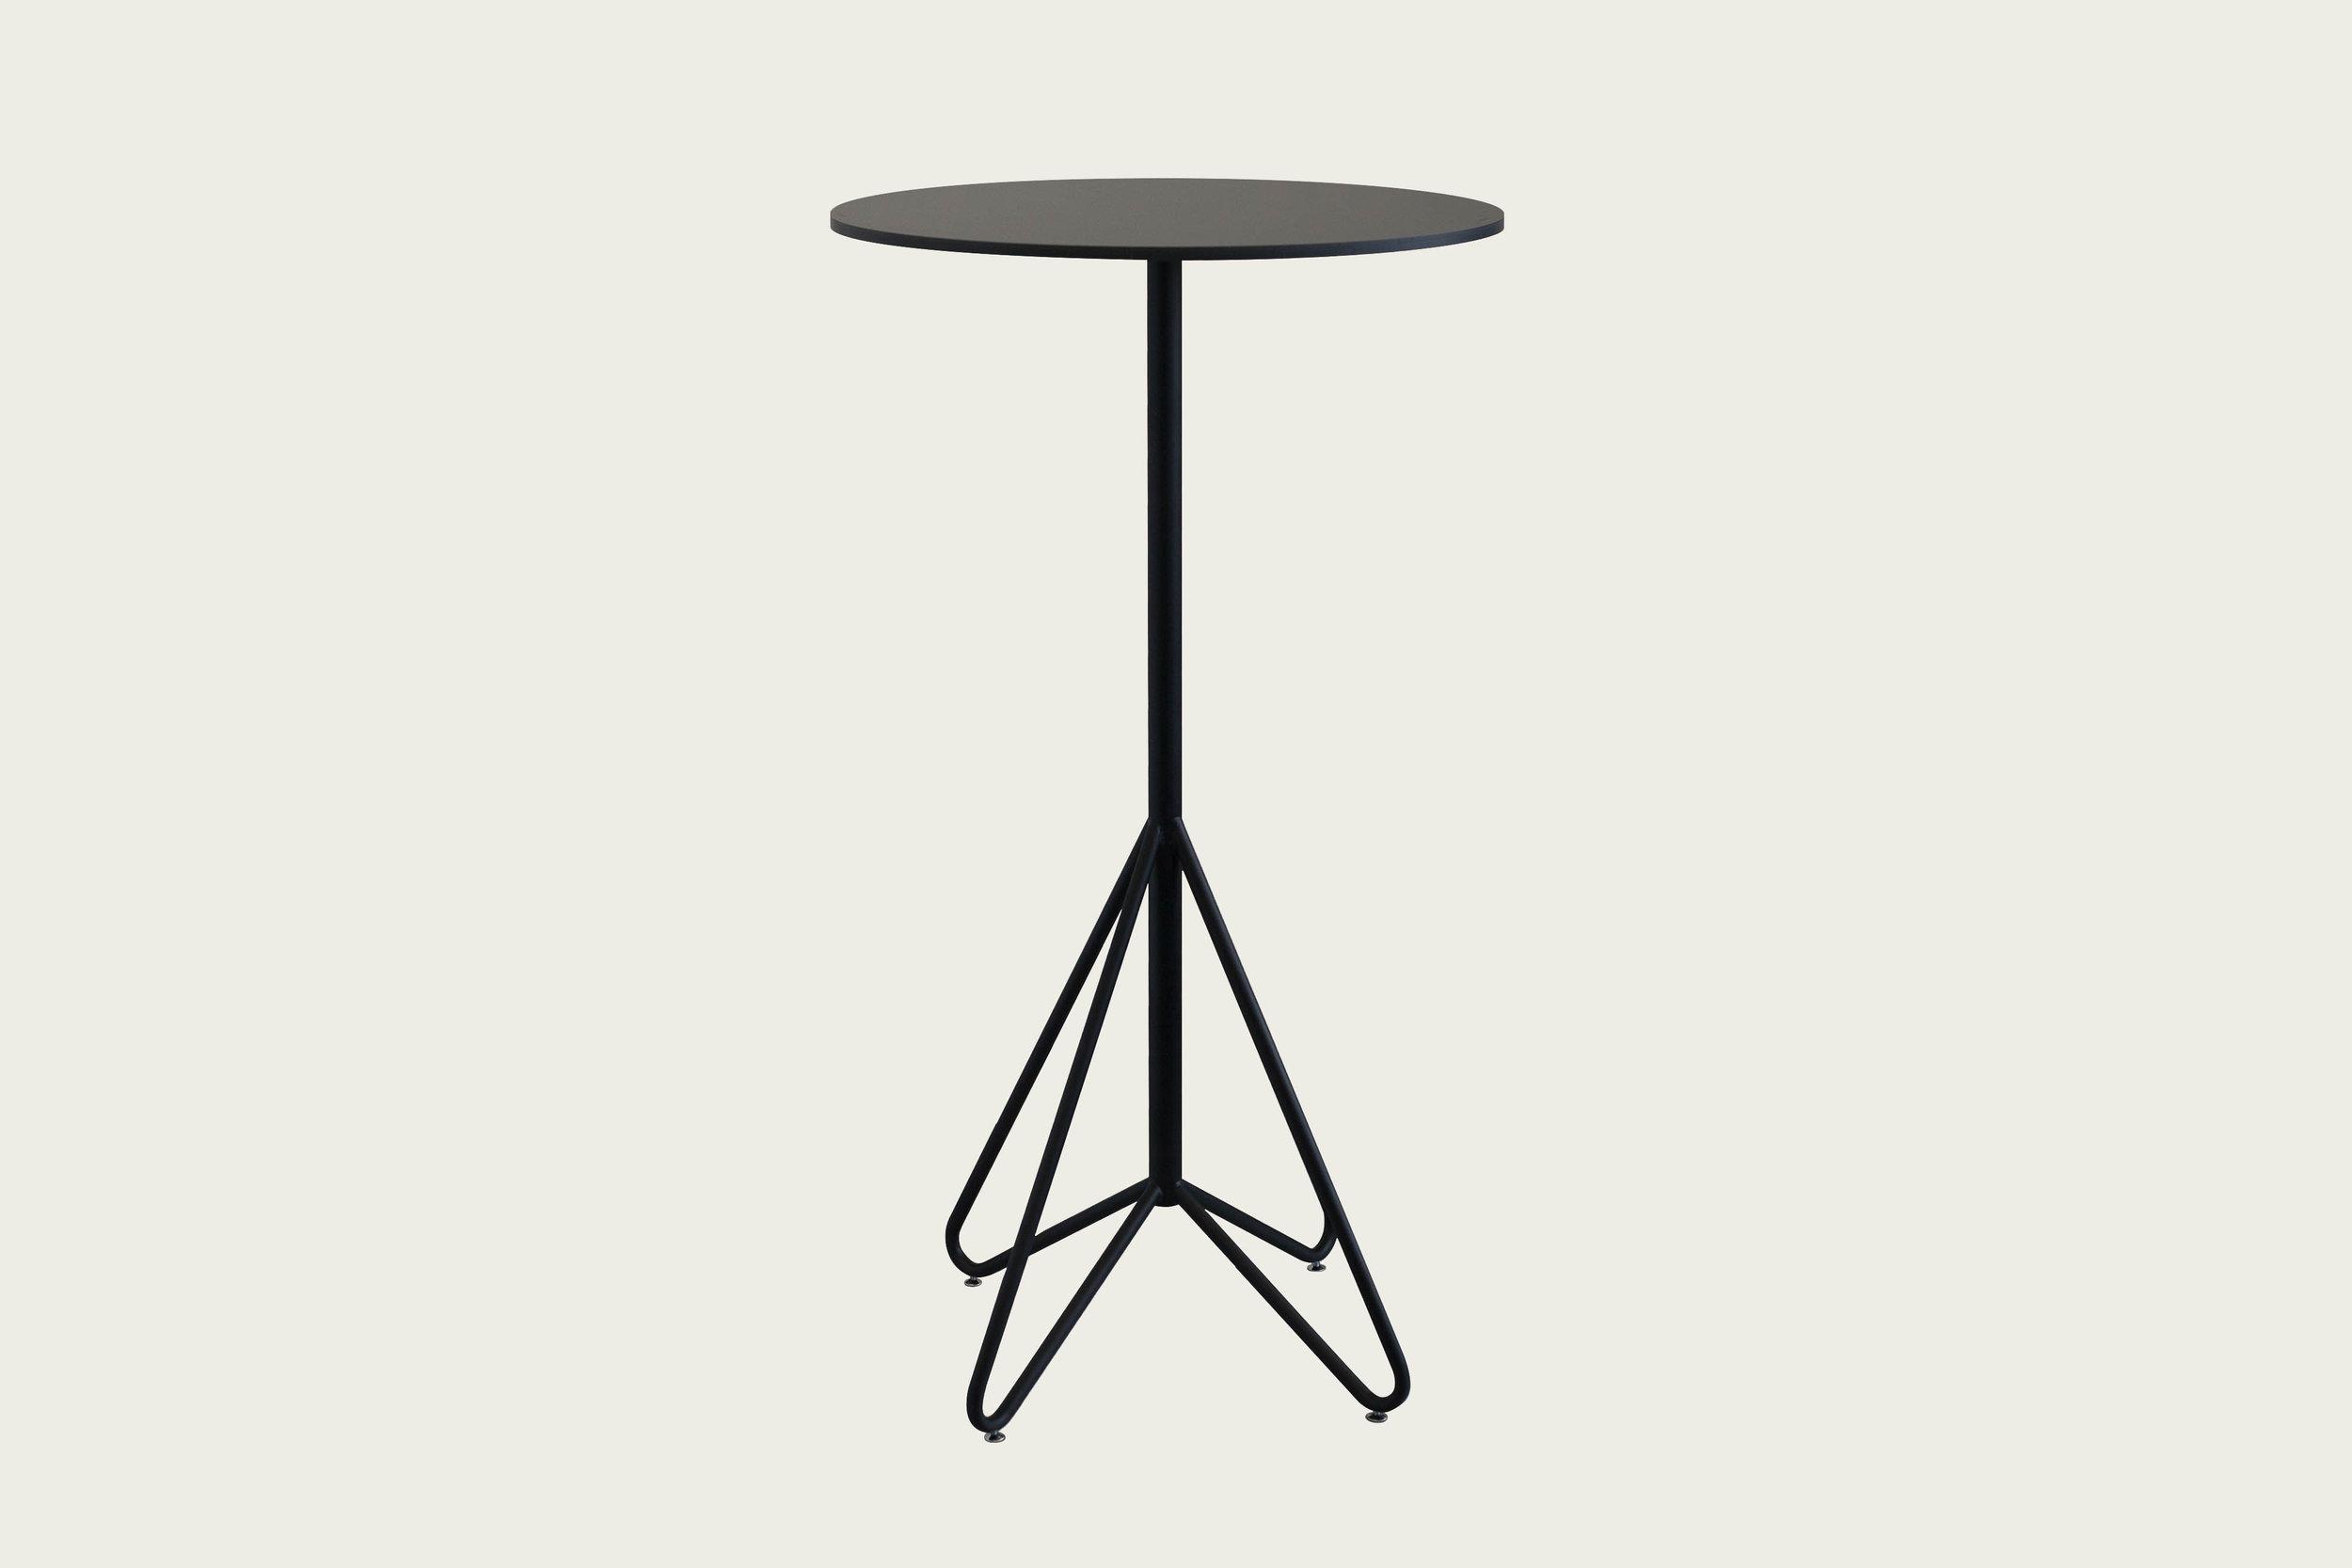 265010_AVENUE bar table_black_highres (1) kopier.jpg